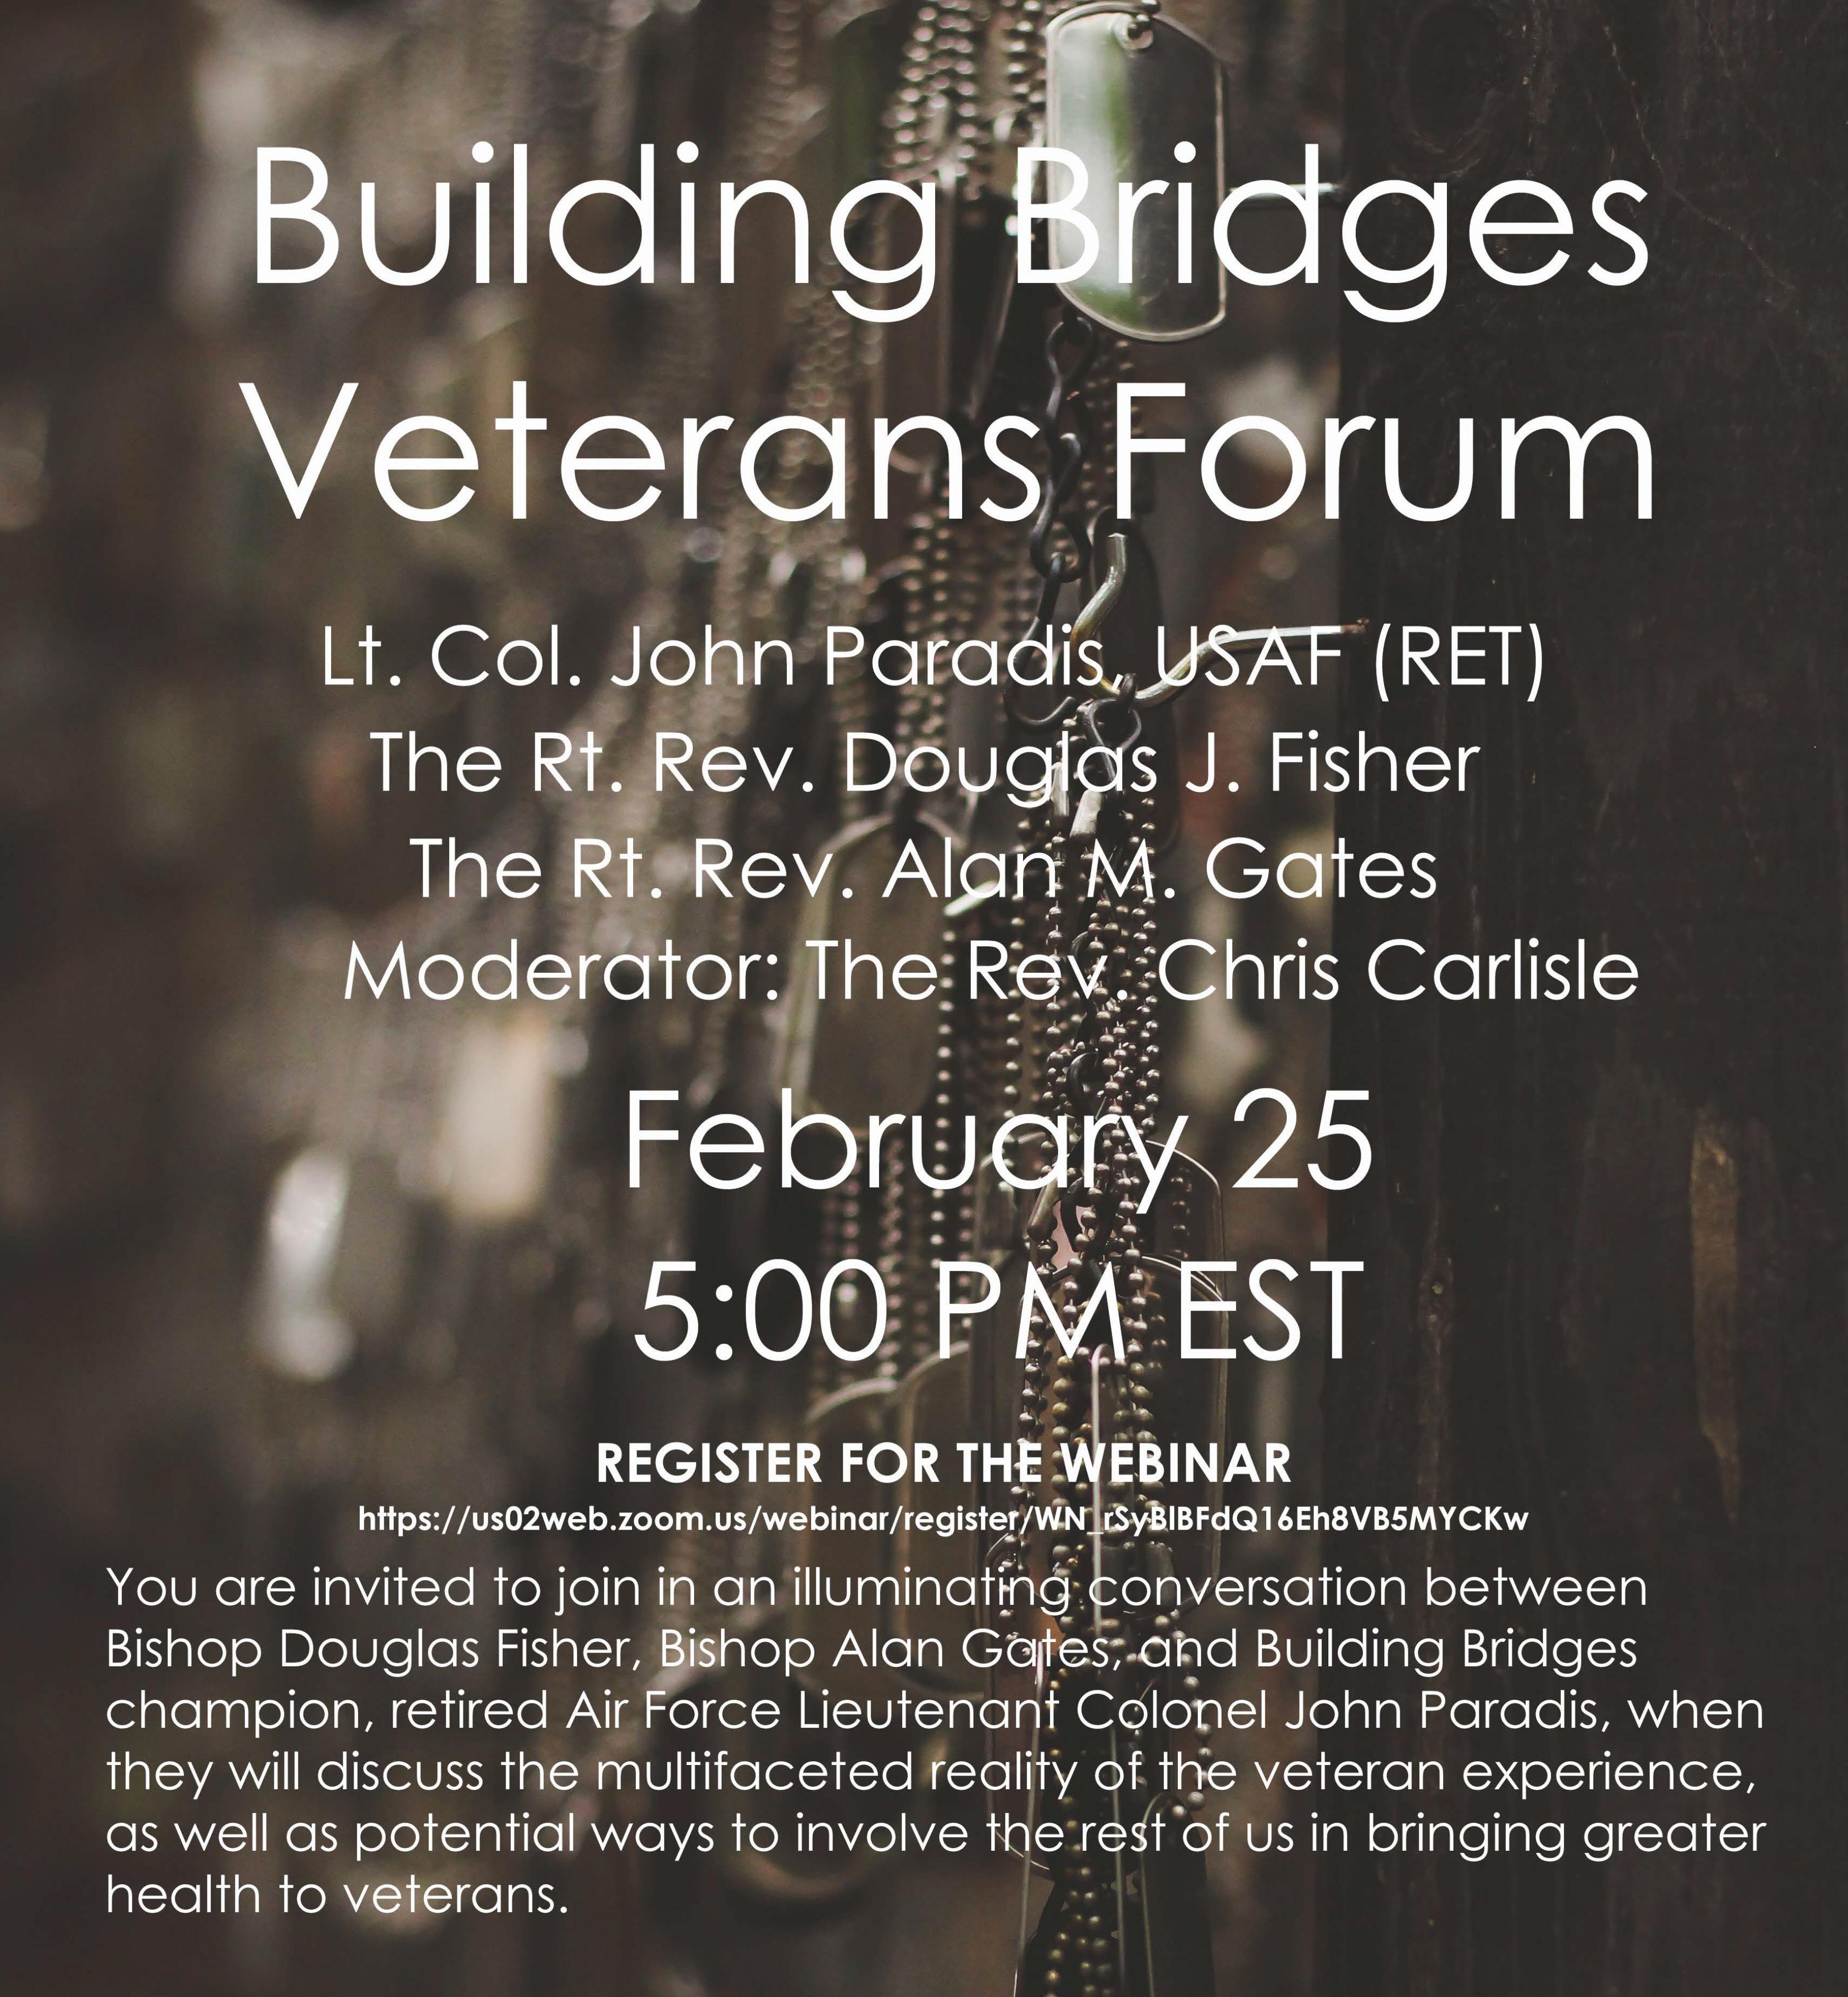 veterans forum 2021 flyer